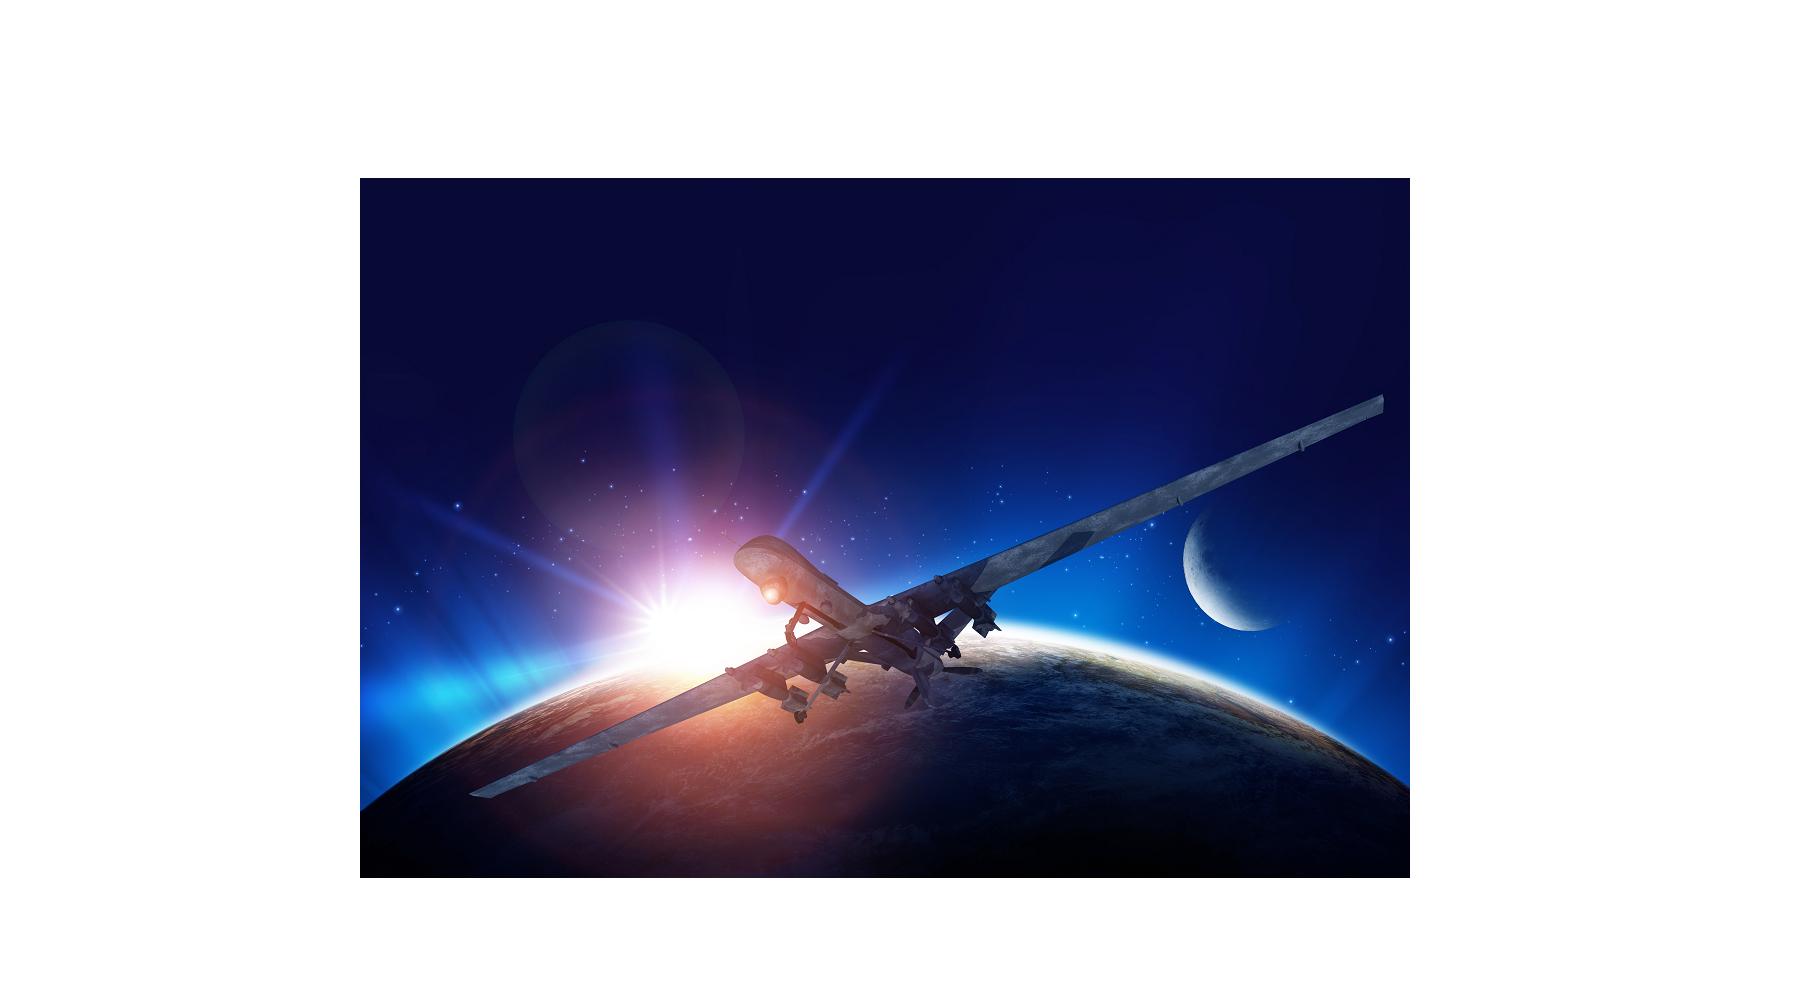 Satellit ger snabbare nyheter an internet